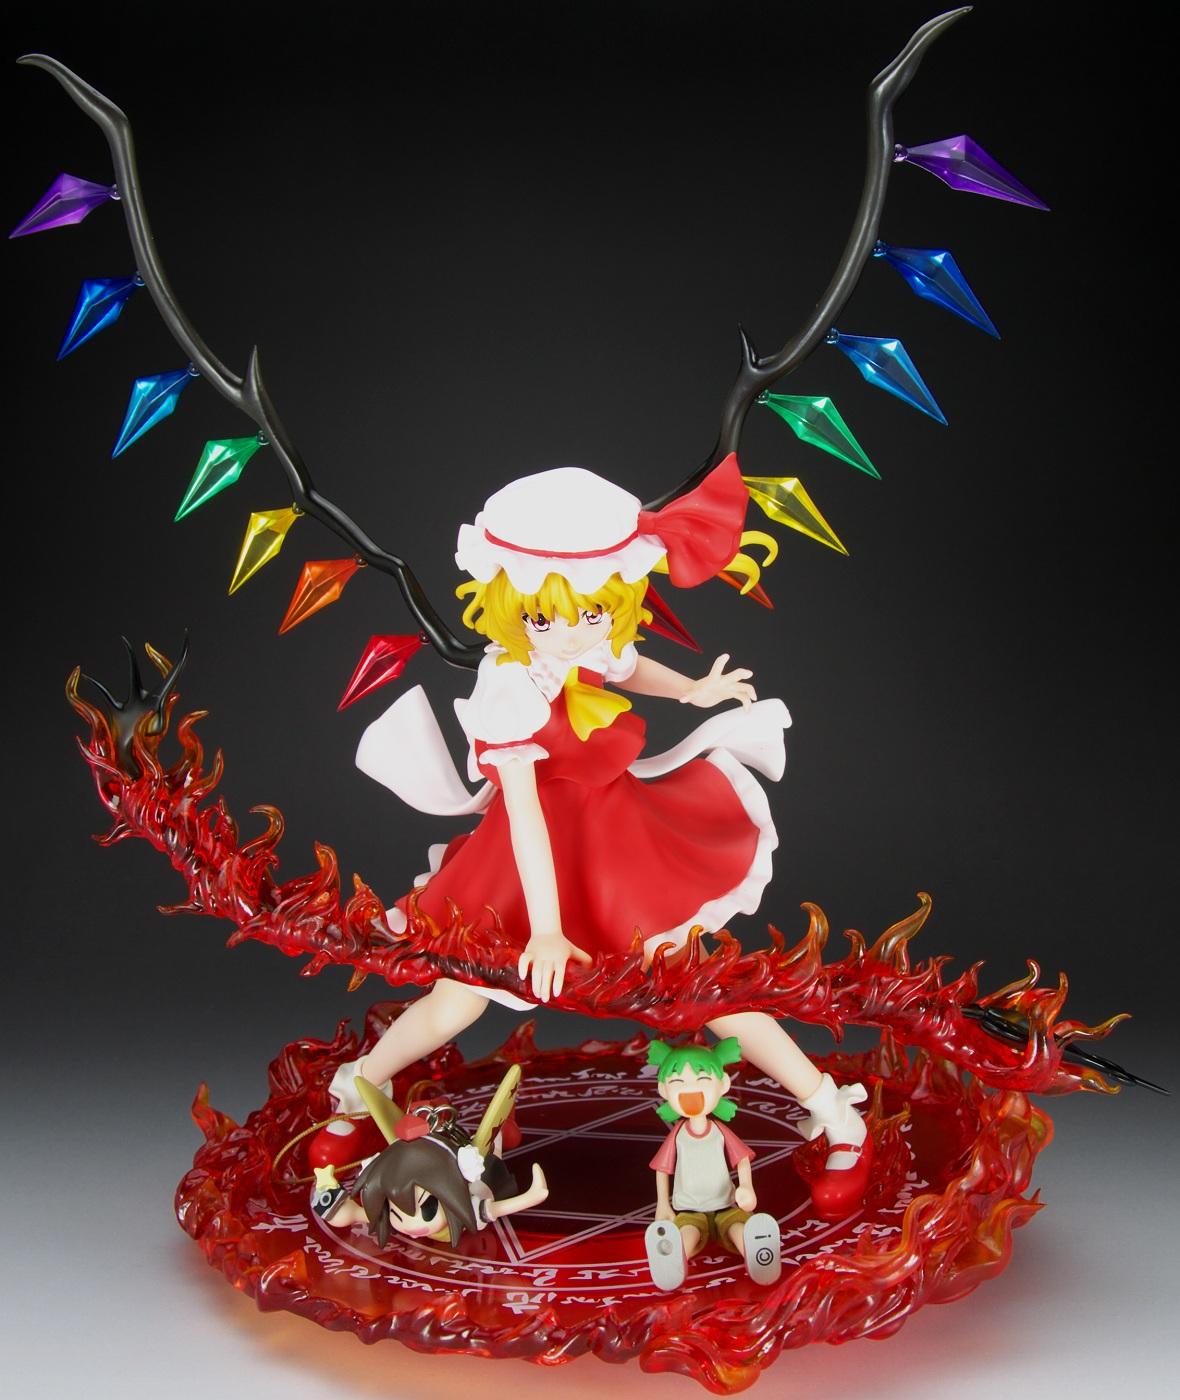 東方Project特別編 悪魔の妹 1/7フランドール・スカーレット-紅剣Ver.- フィギュアレビュー